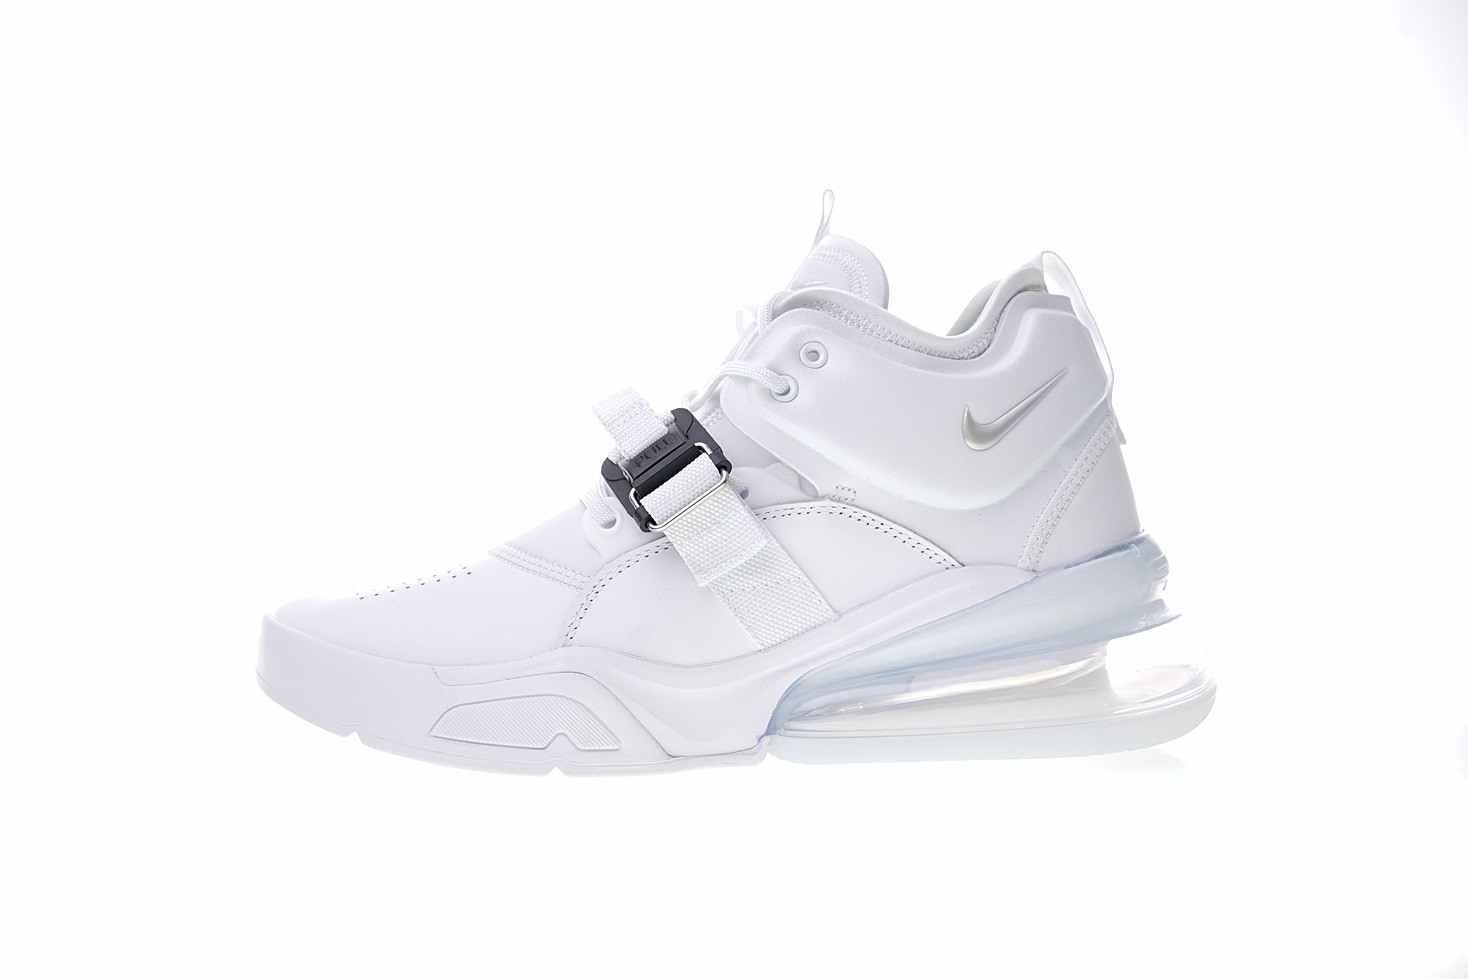 Nike Air Force 270 White Black Varsity Running Shoes AH6772-010 - Febbuy 4591bb1b2